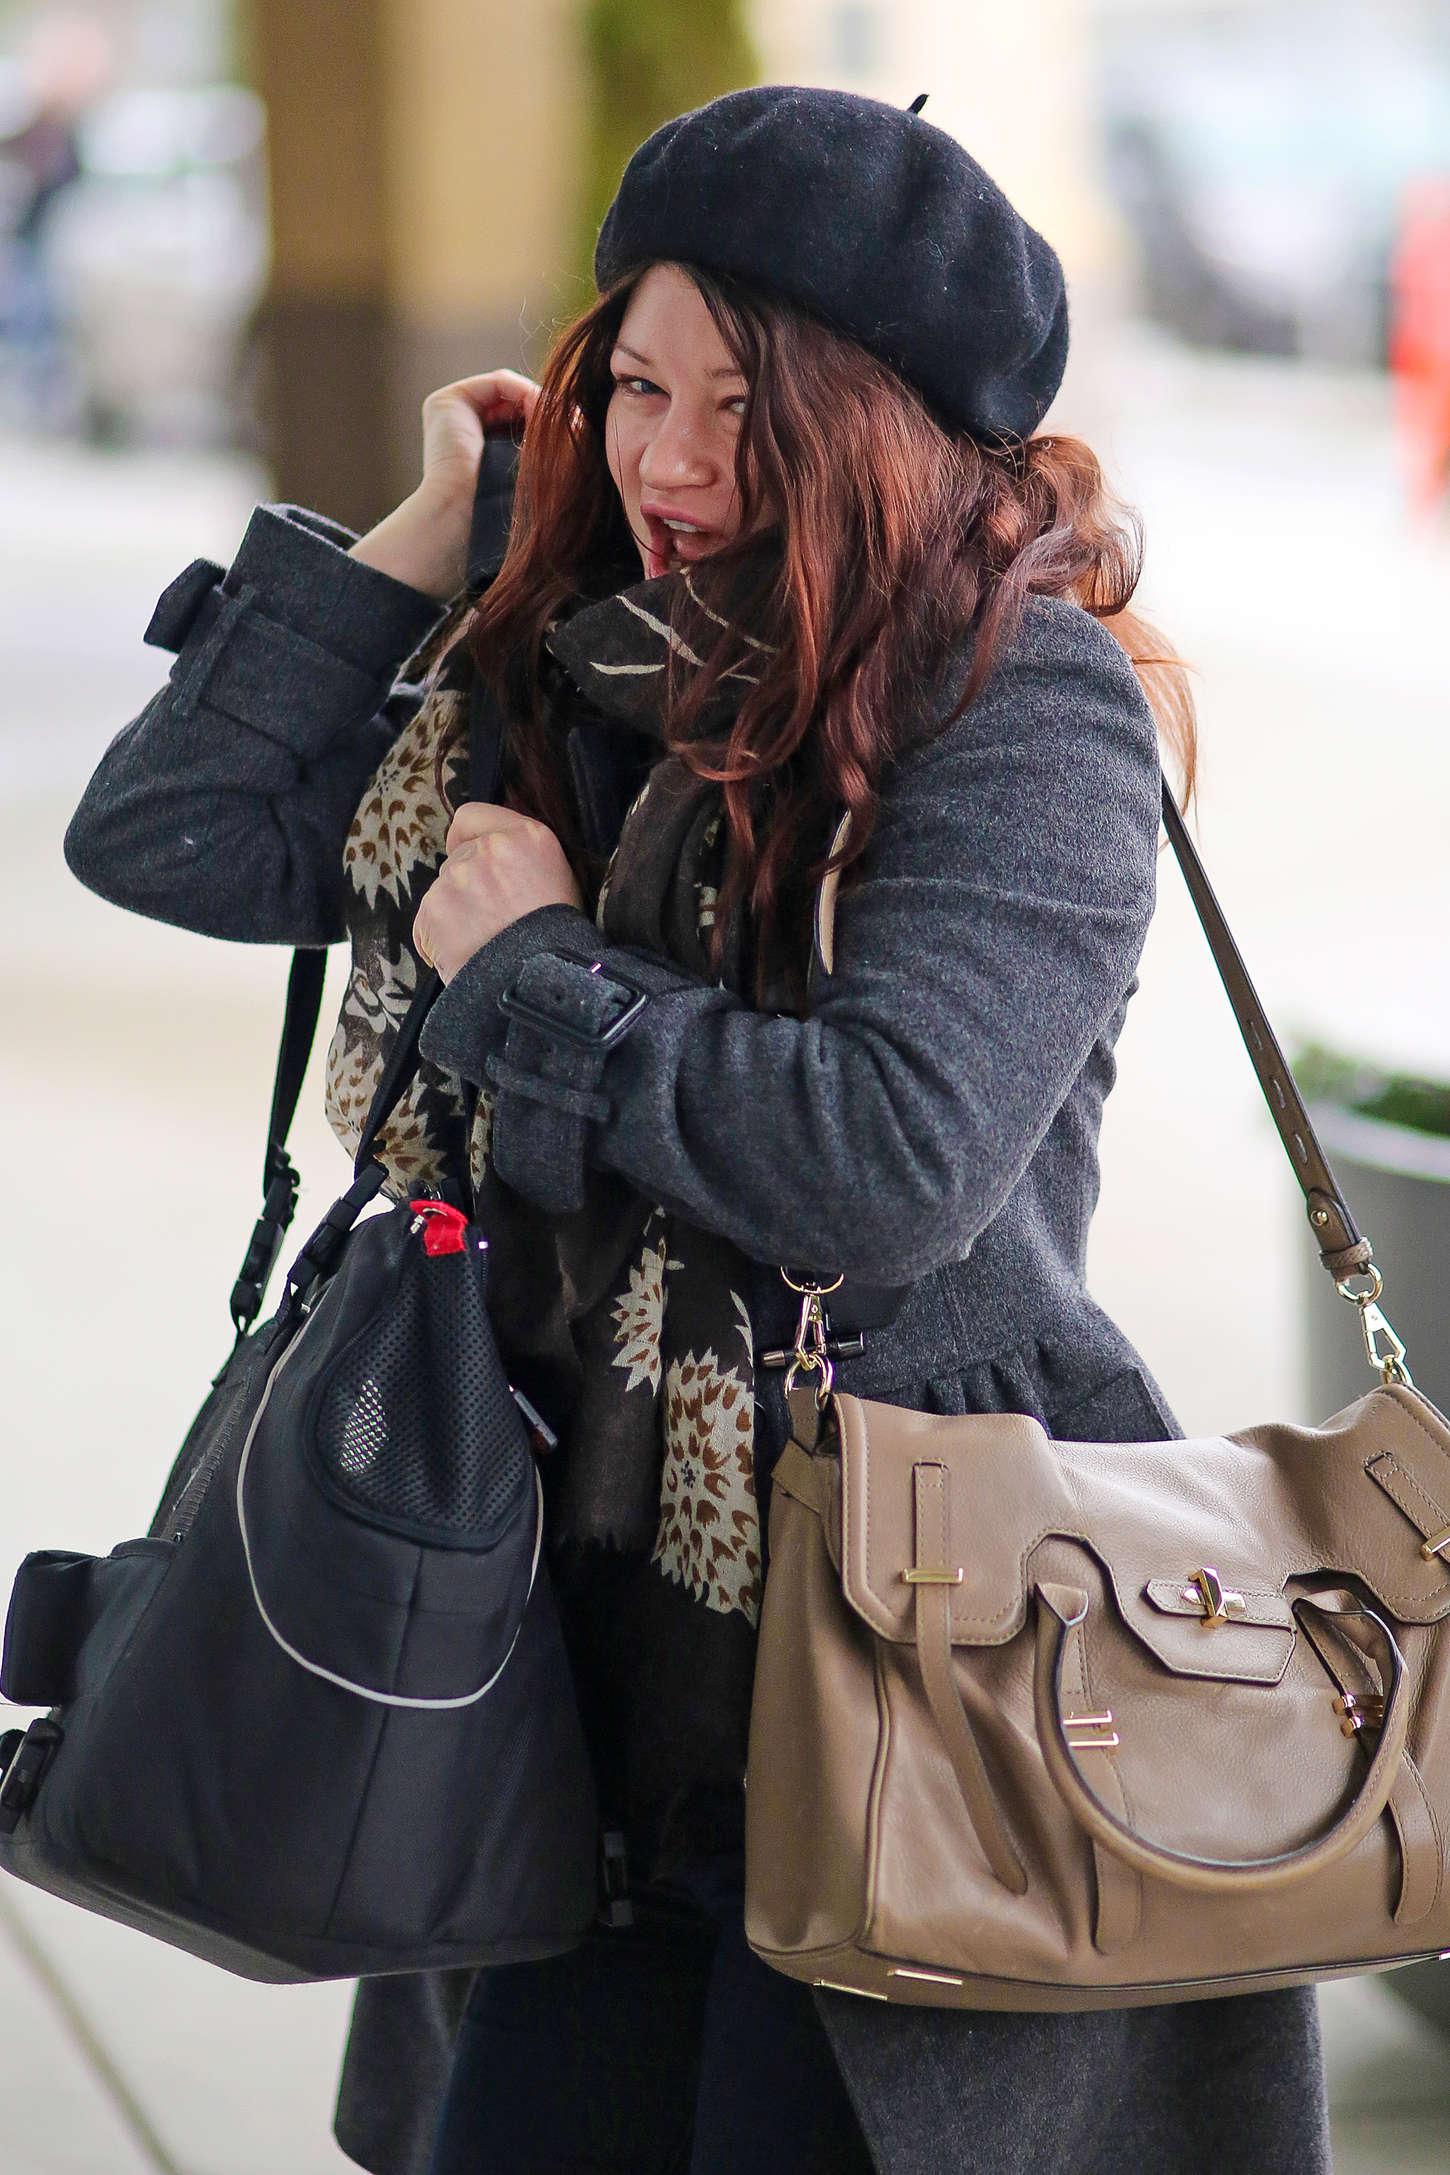 Emilie de Ravin at Vancouver Airport